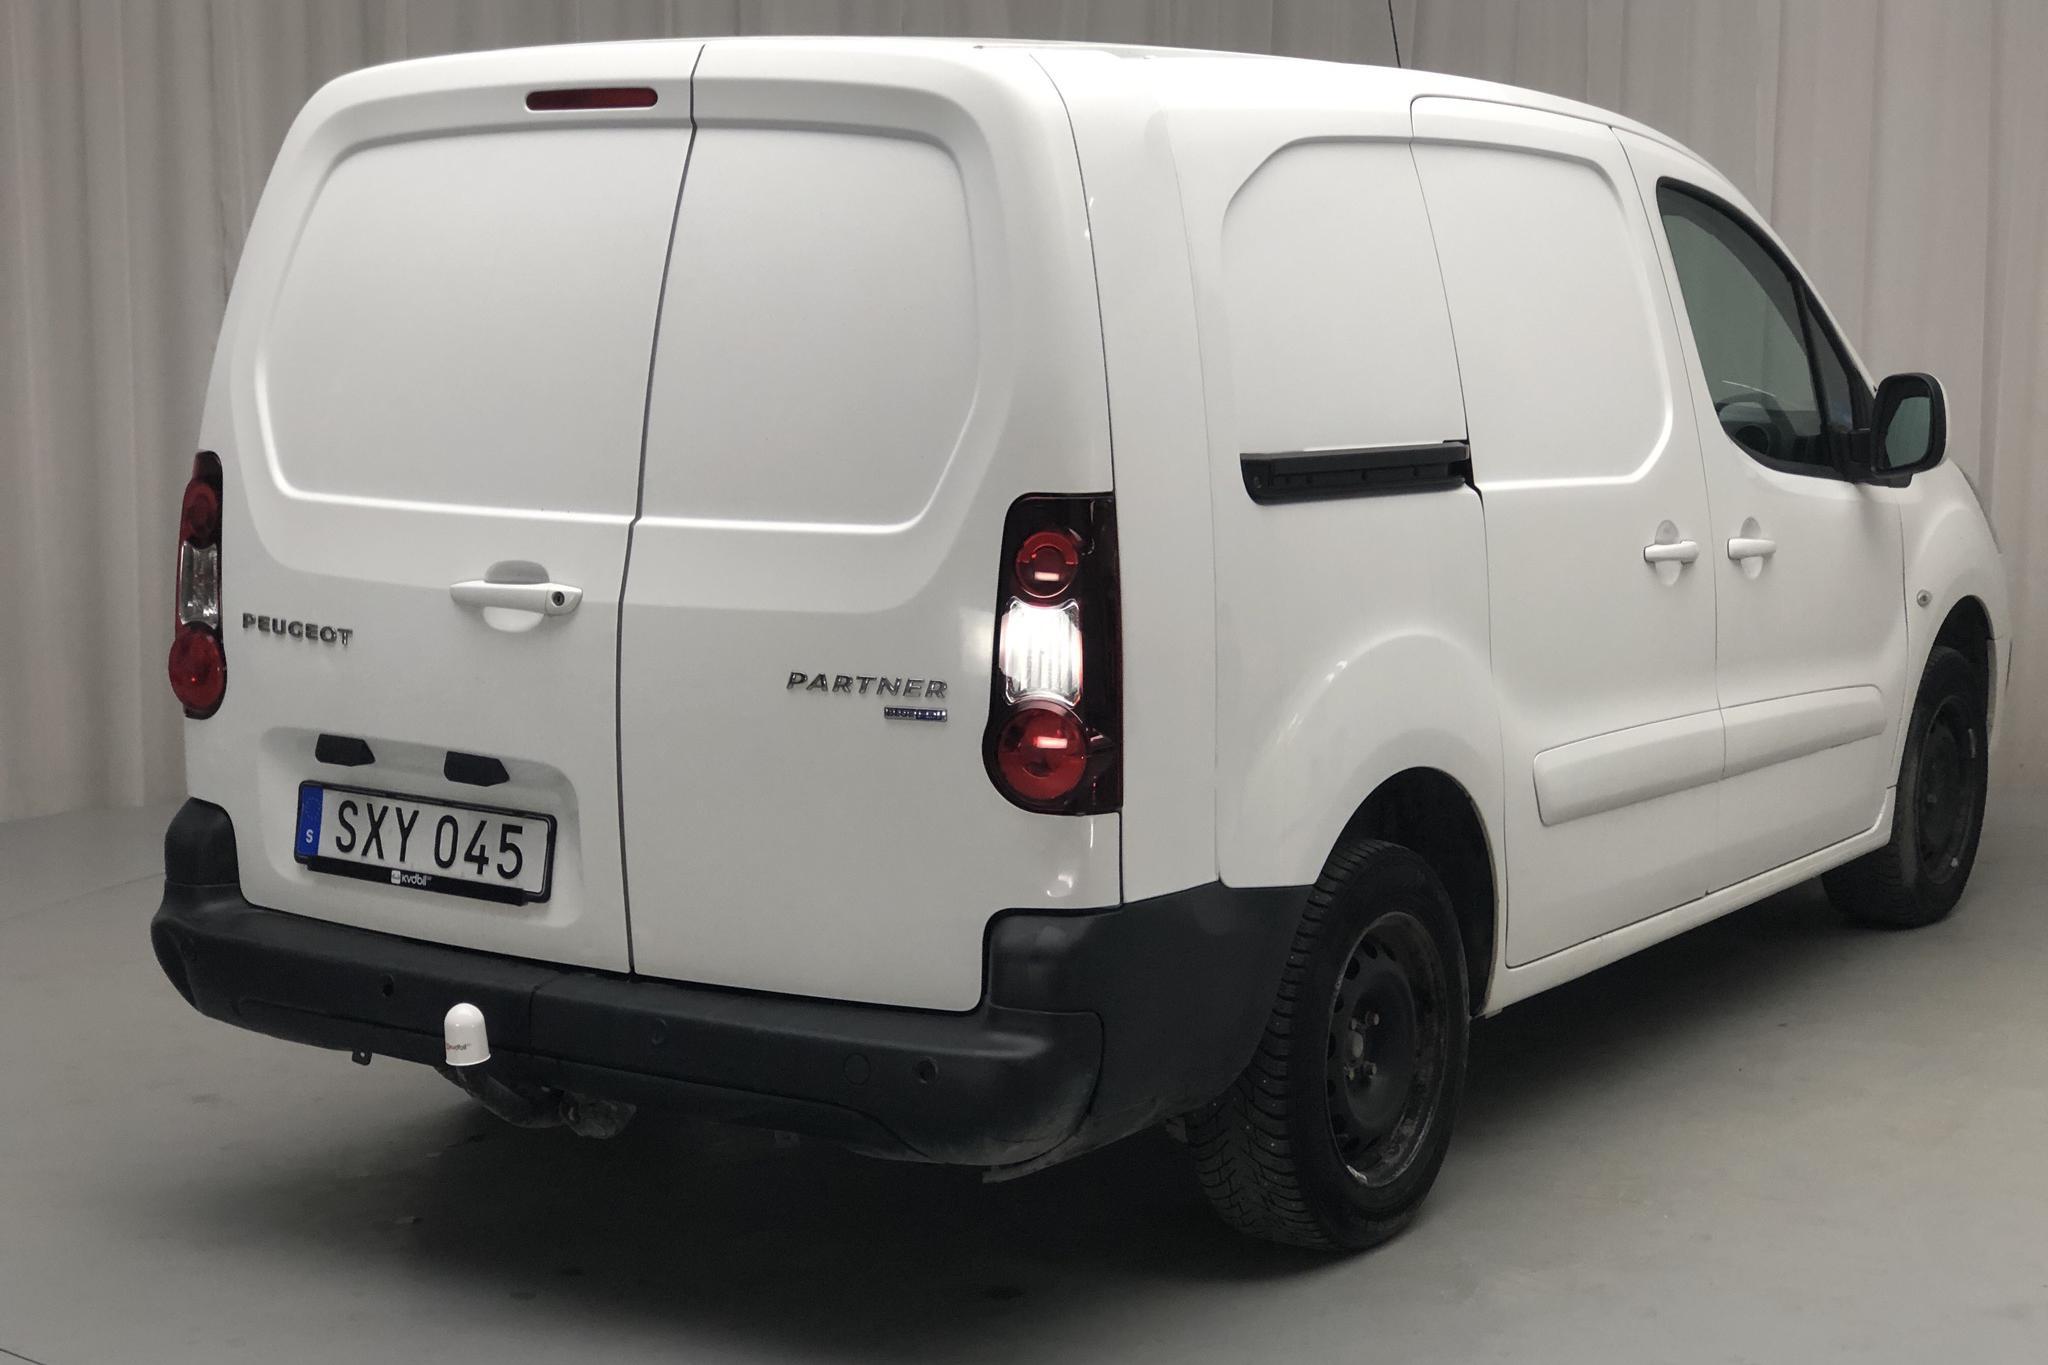 Peugeot Partner 1.6 BlueHDI Skåp (100hk) - 114 460 km - Manual - white - 2017